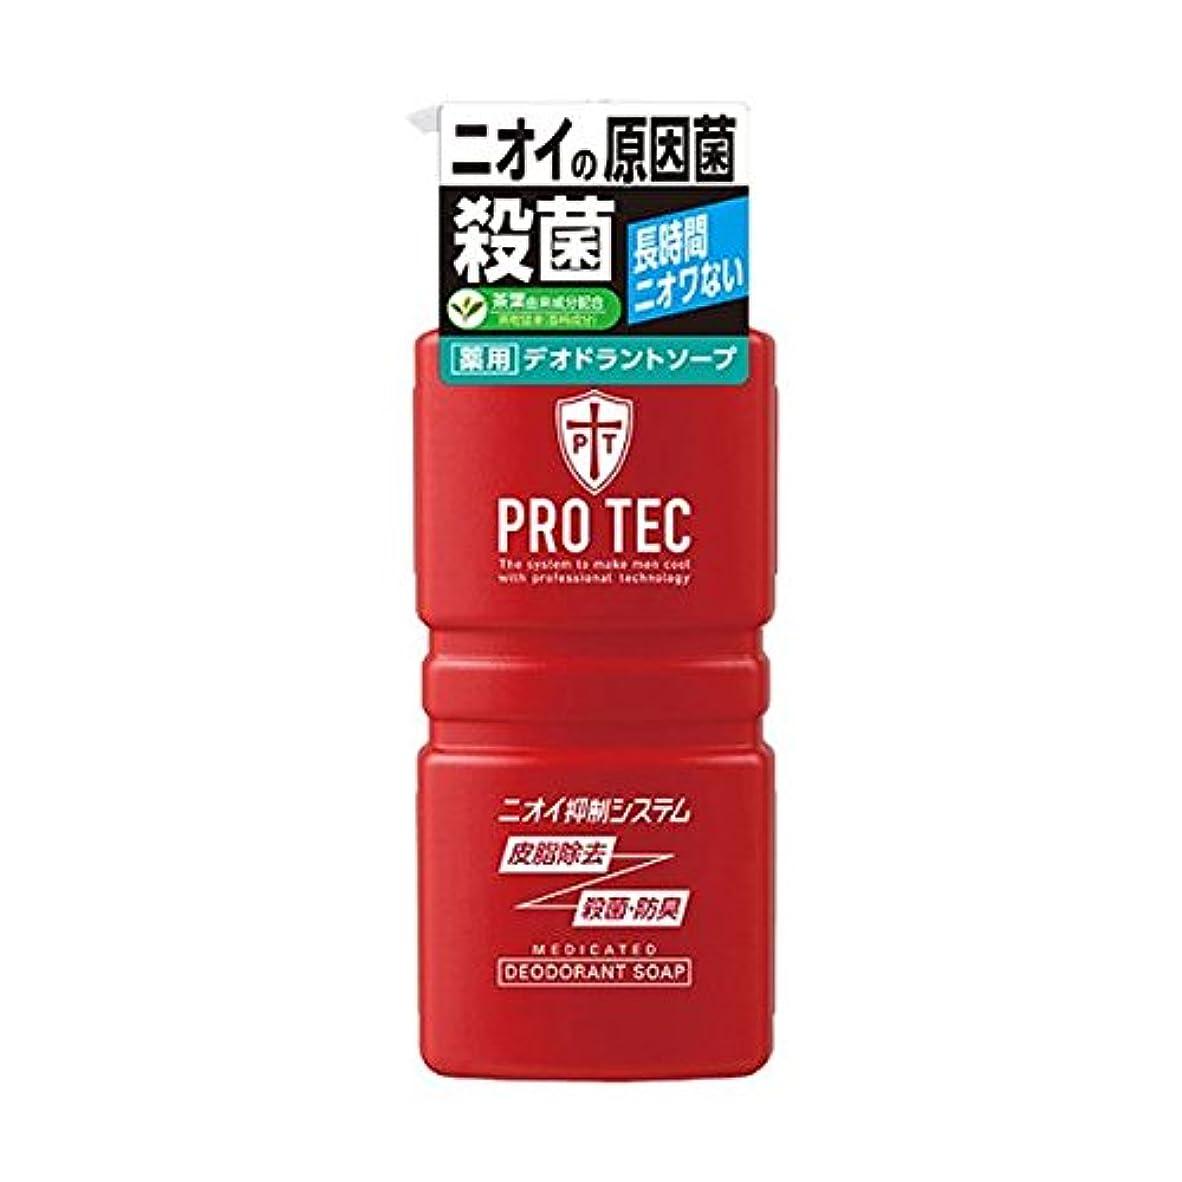 PRO TEC デオドラントソープ ポンプ × 3個セット